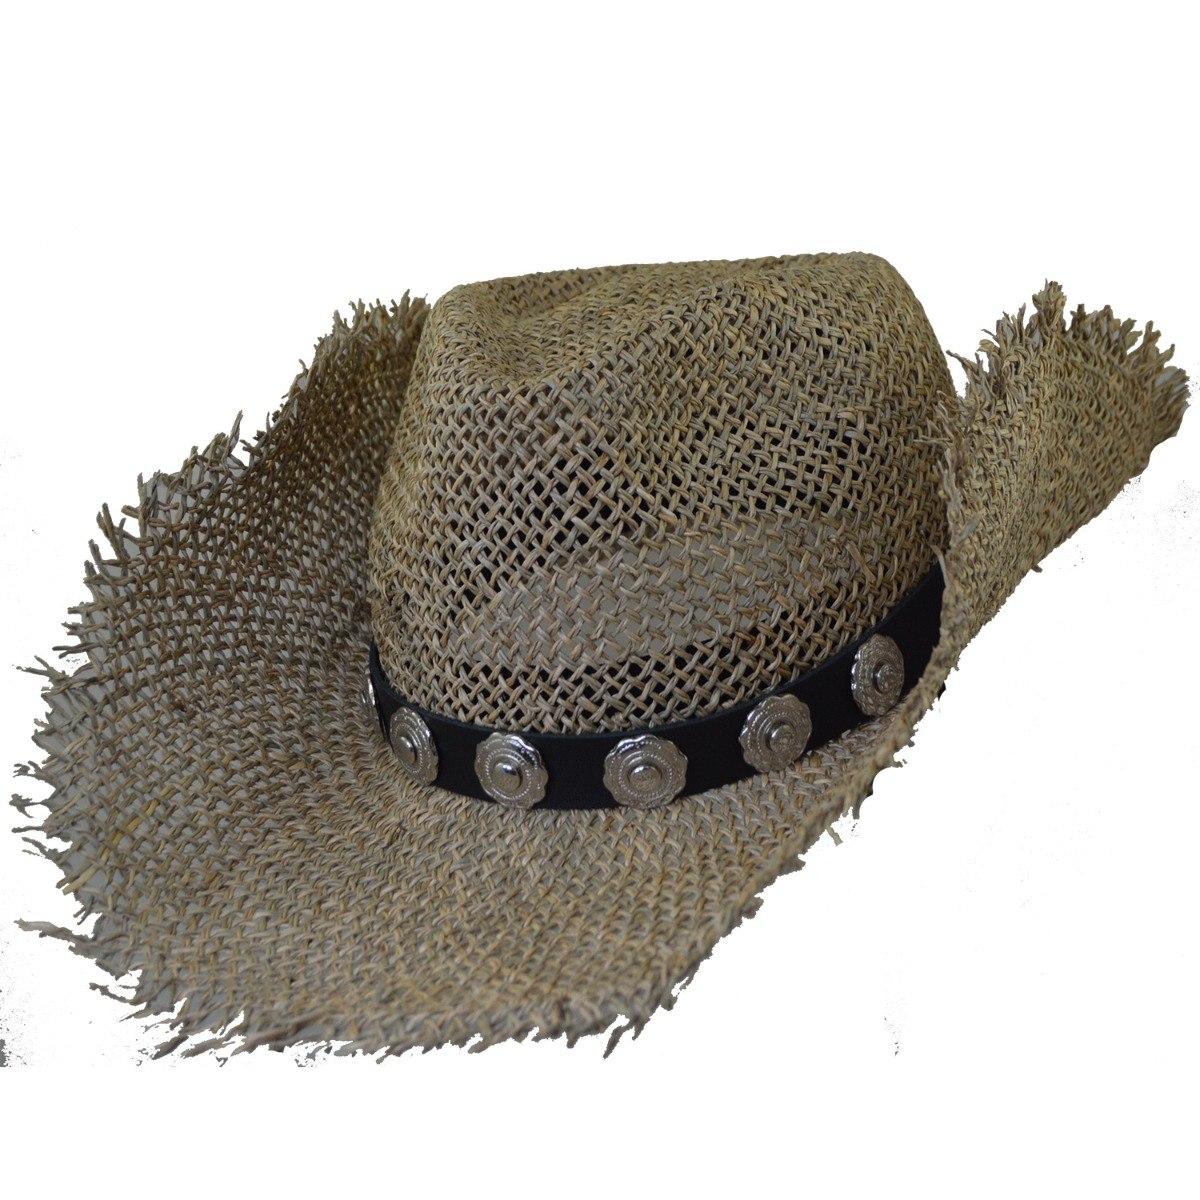 Sombrero Cowboy Yute Deflex Compañia De Sombreros M733051 -   1.645 ... fdba5c1746a